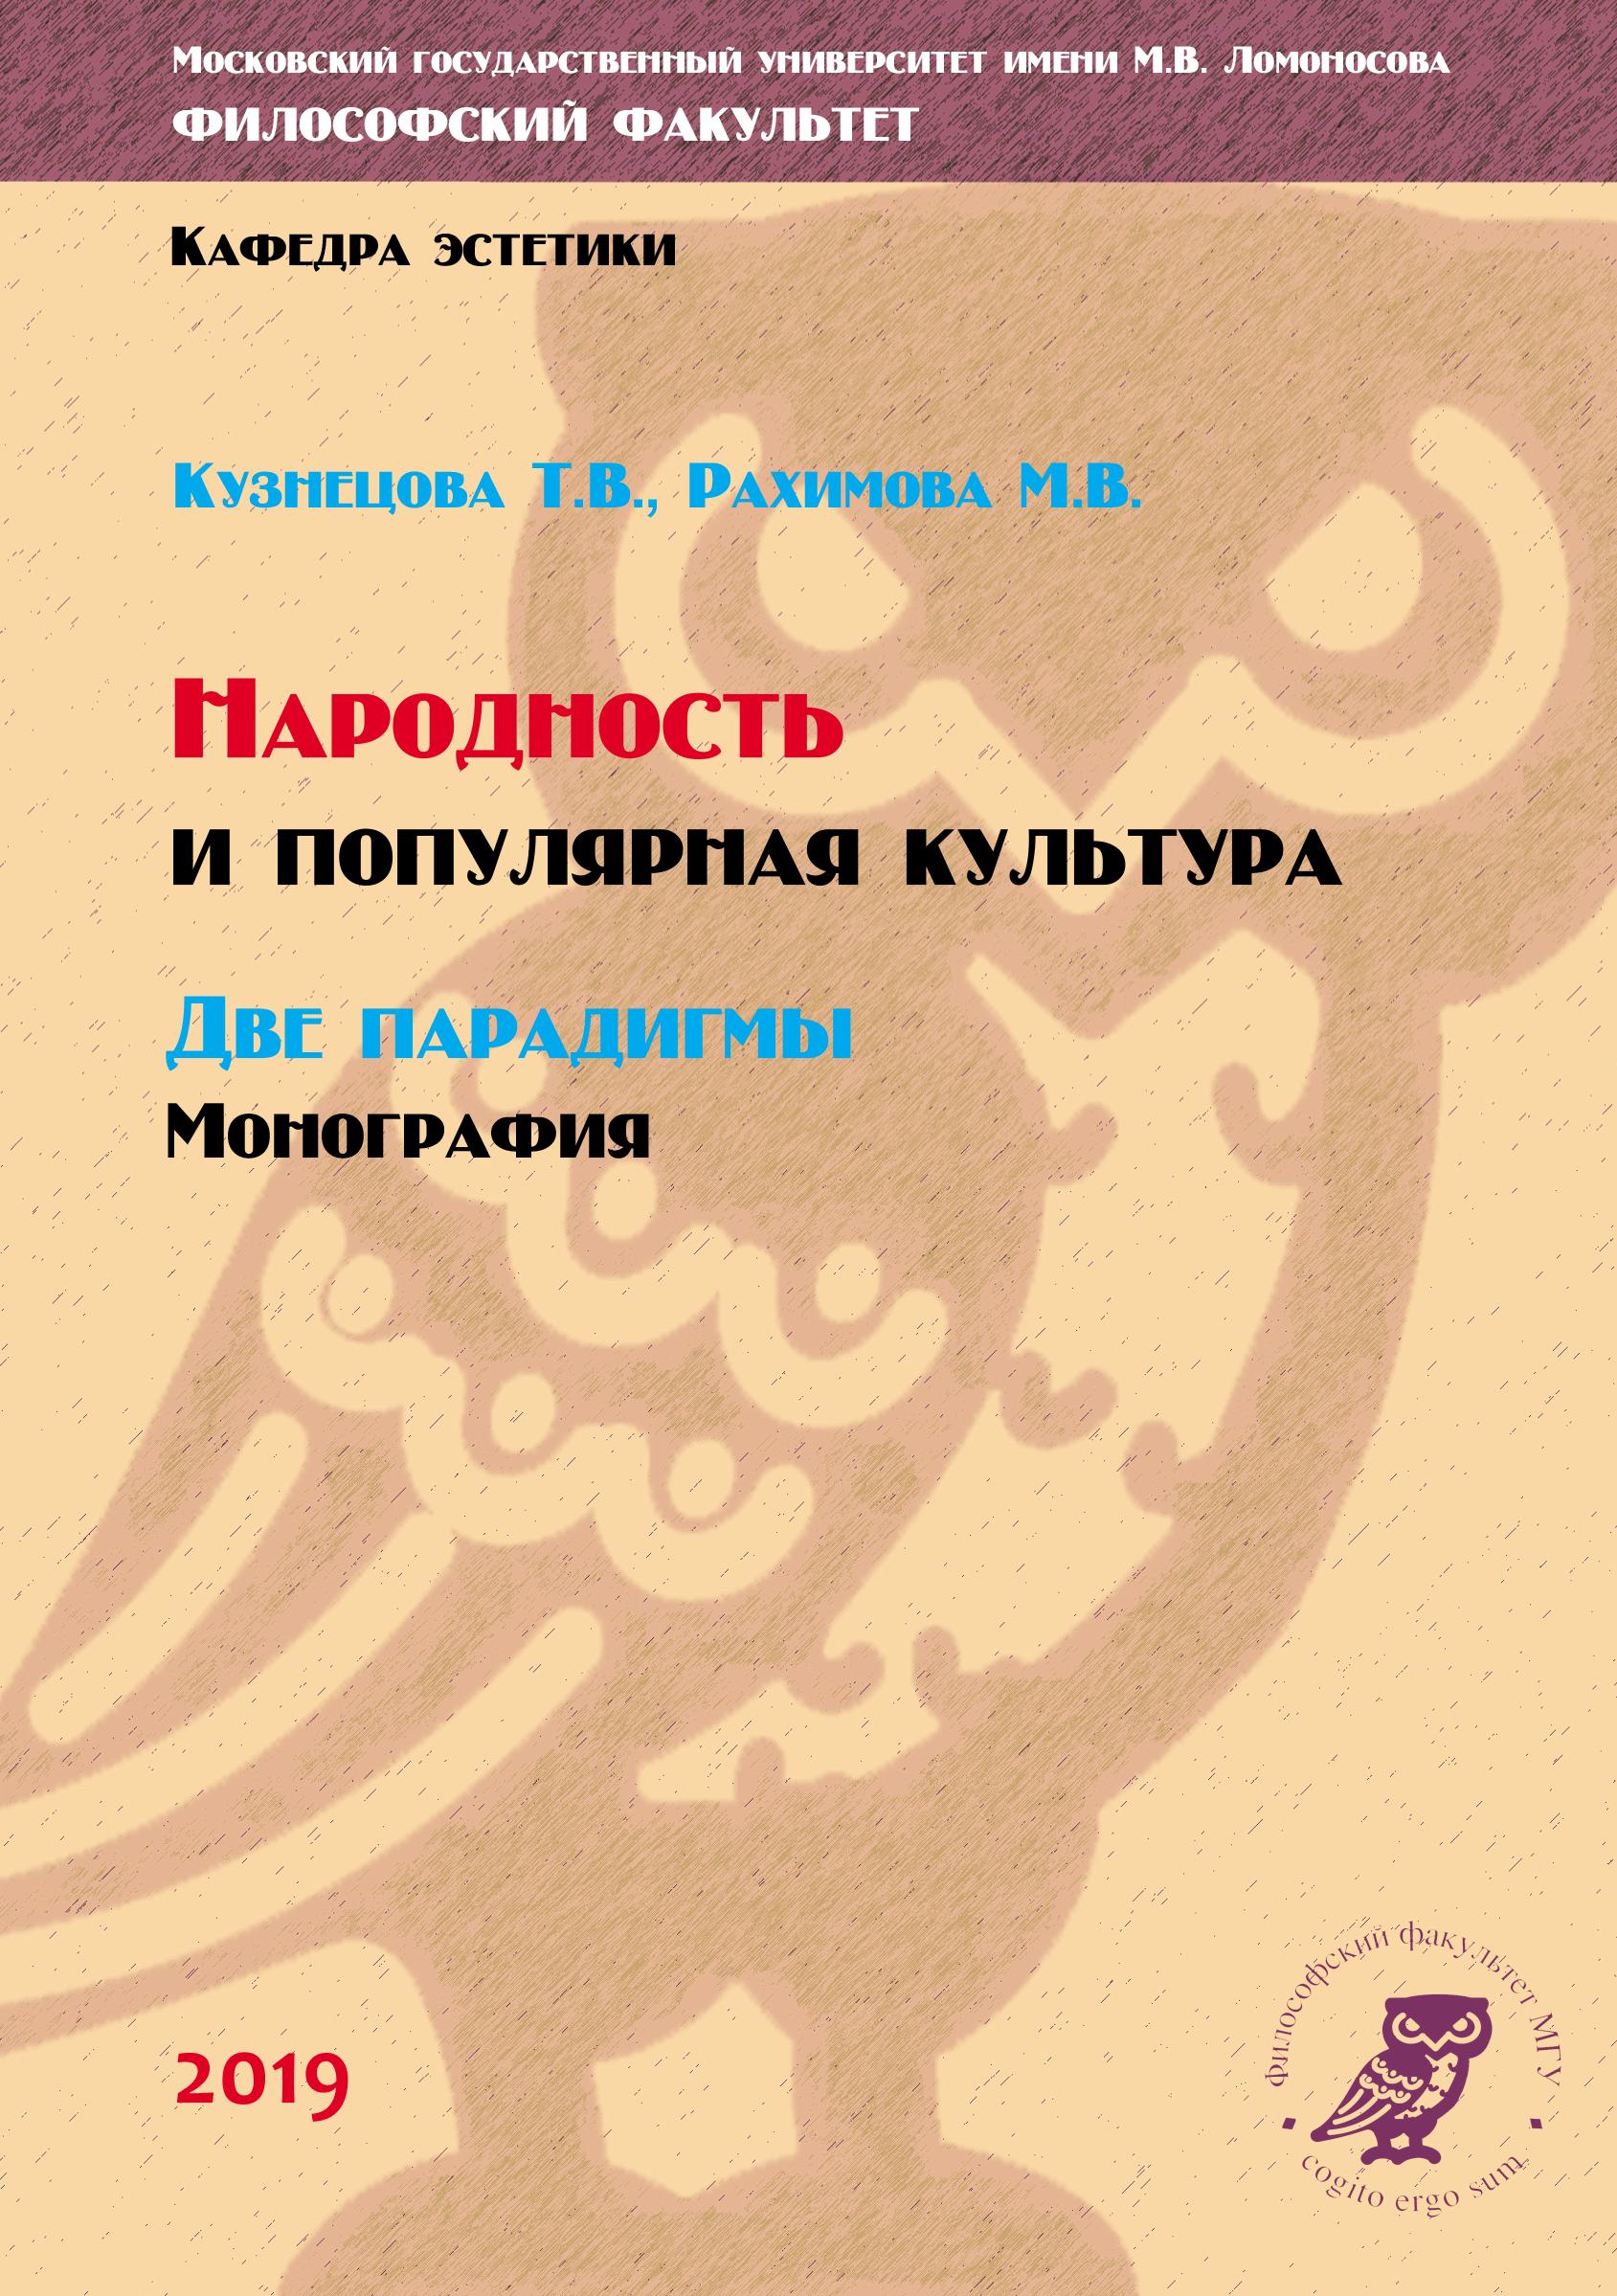 КНИГА. Кузнецова Т.В., Рахимова М.В. Народность и популярная культура. Две парадигмы (обложка)